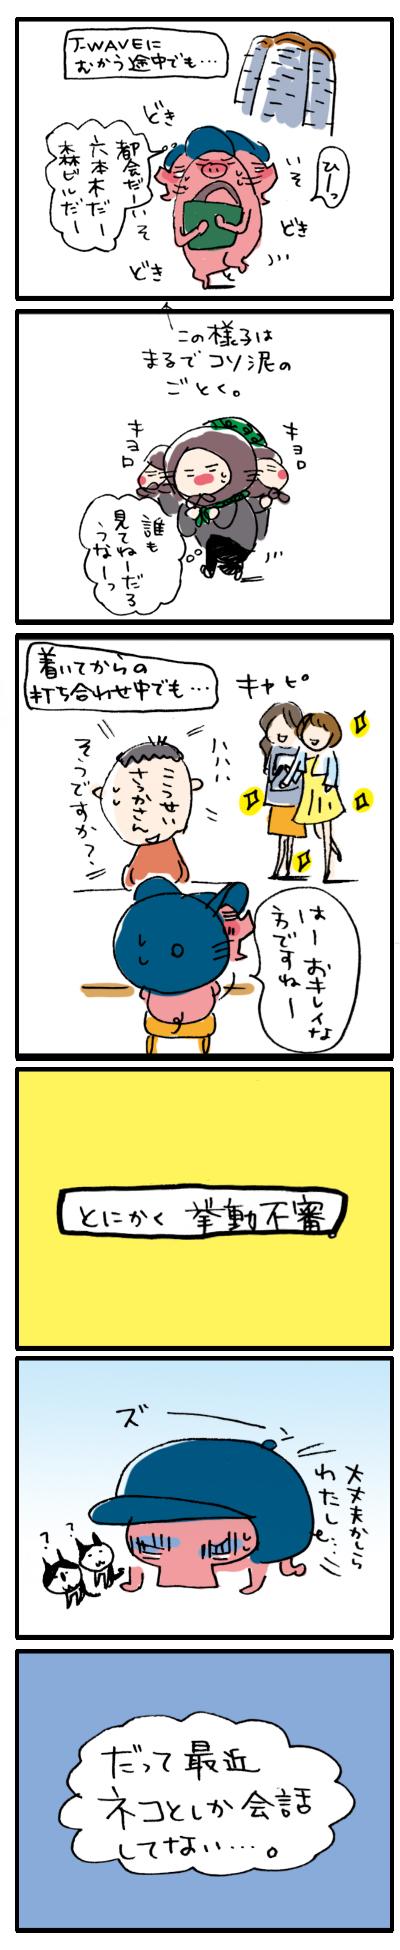 b0043728_051711.jpg